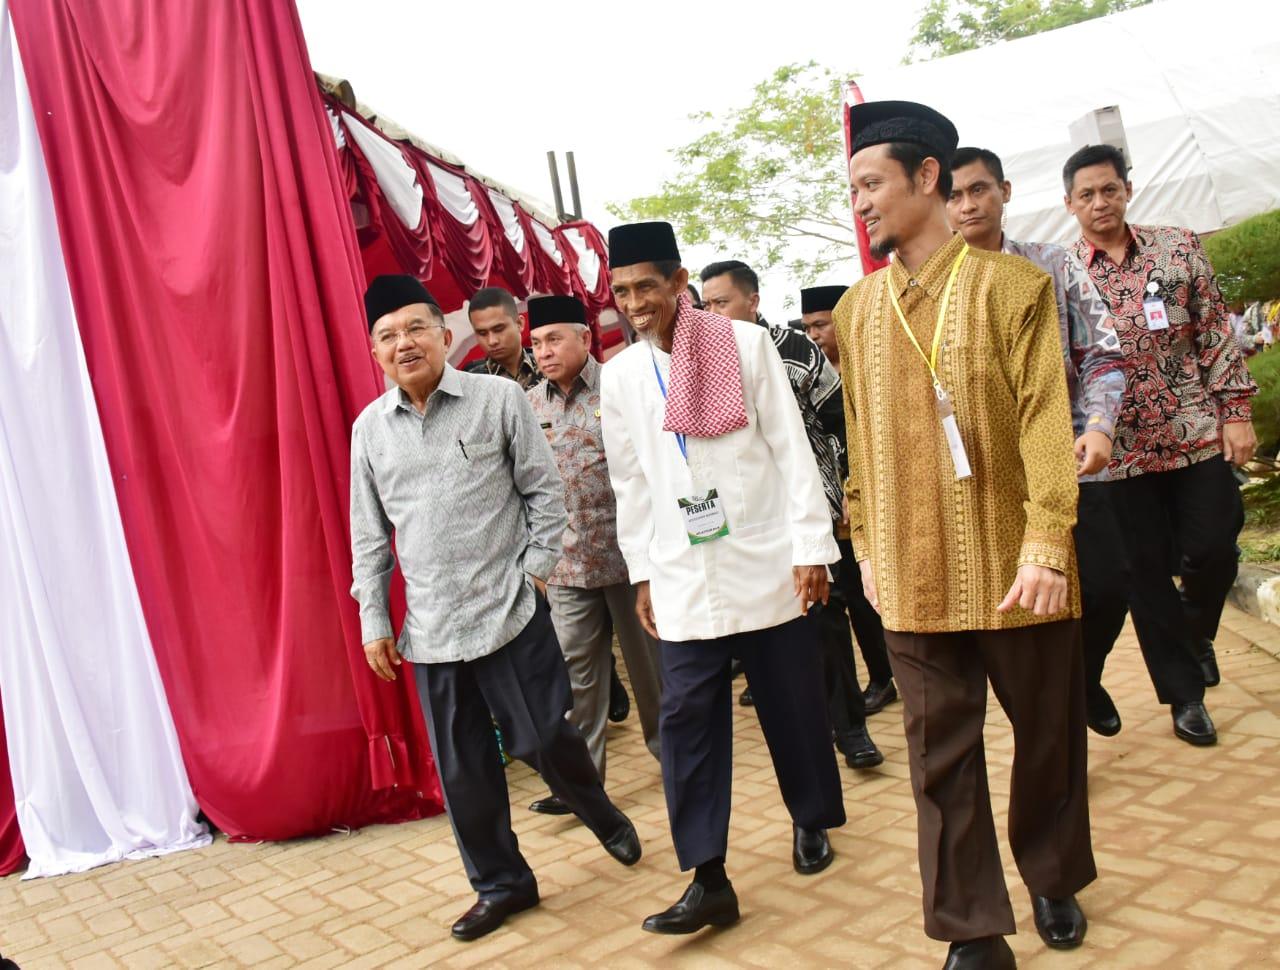 Wapres Akan Resmikan Gedung Pusat Dakwah Hidayatullah